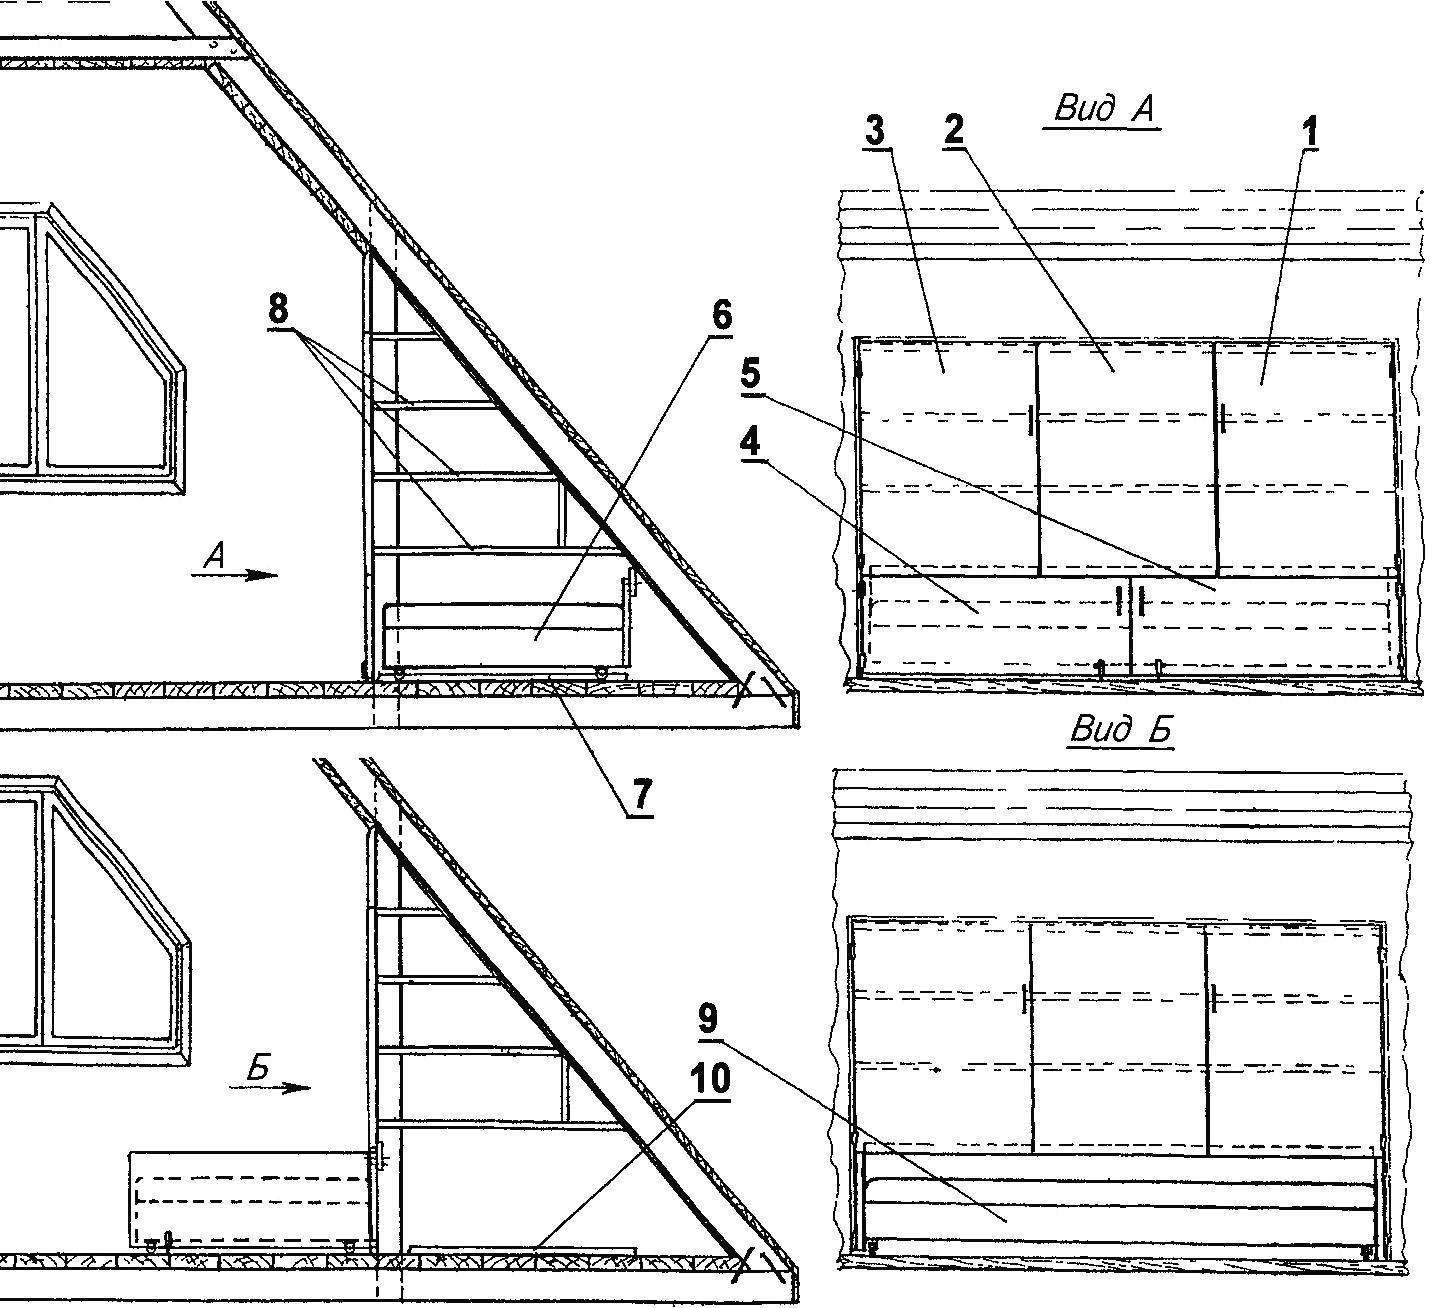 Рис. 1. Универсальный ВСтроенный шкаф для мансарды (вверху с убранной кроватью, внизу с выдвинутой кроватью)